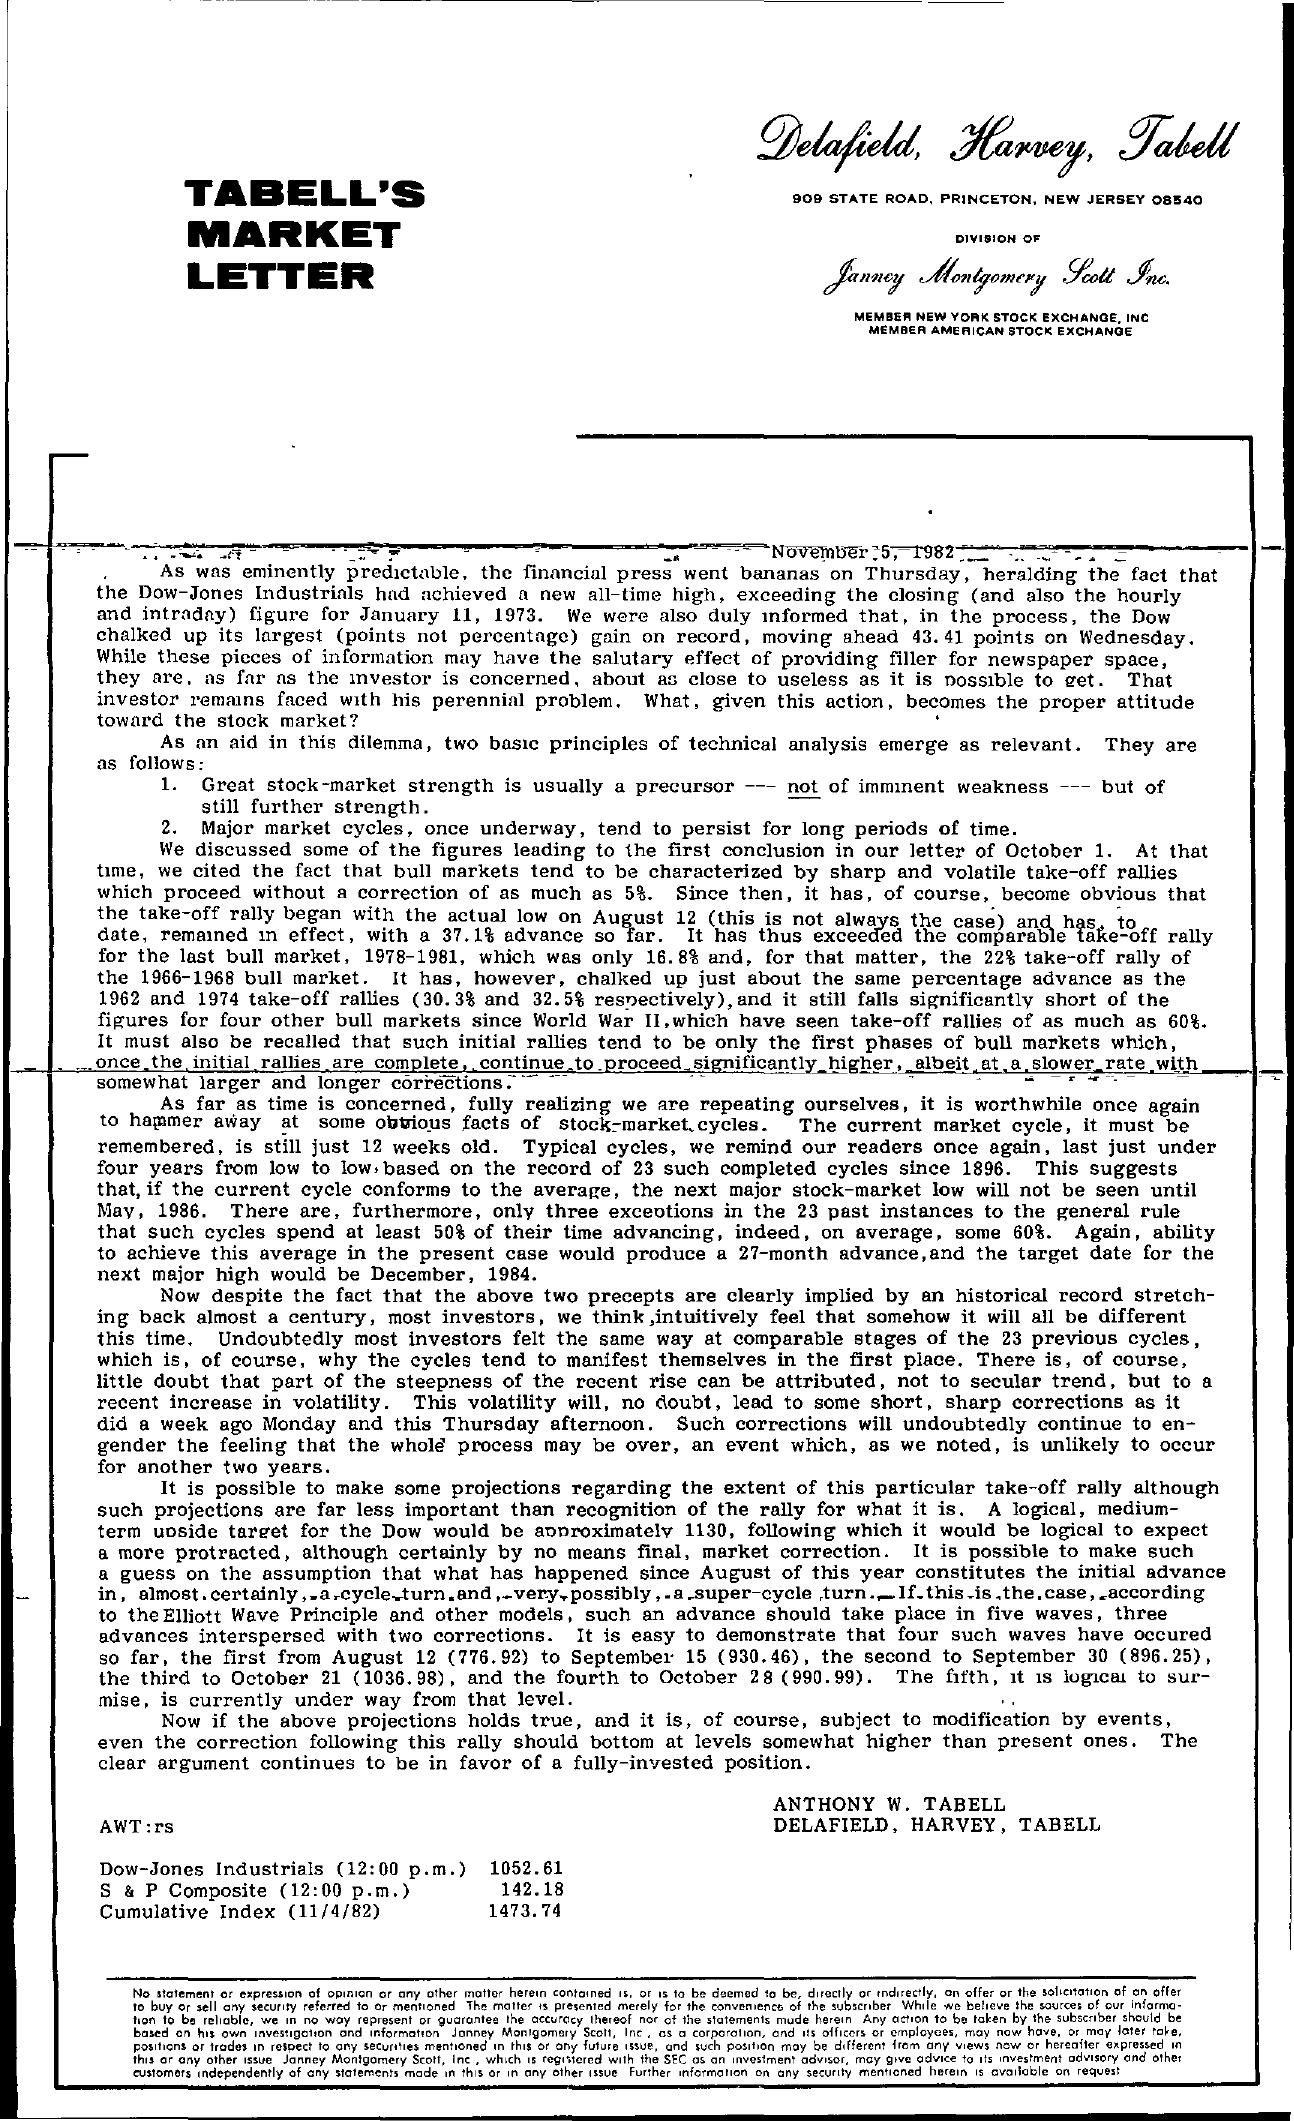 Tabell's Market Letter - November 05, 1982